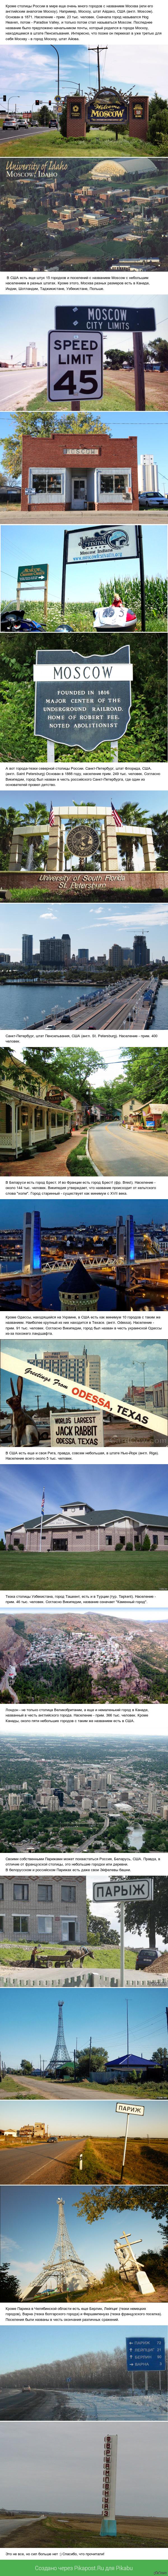 Города и населенные пункты с похожими названиями Заинтересовалась тем, сколько в нашем мире поселений-тезок. Решила собрать вместе, сколько смогу (их очень много!)